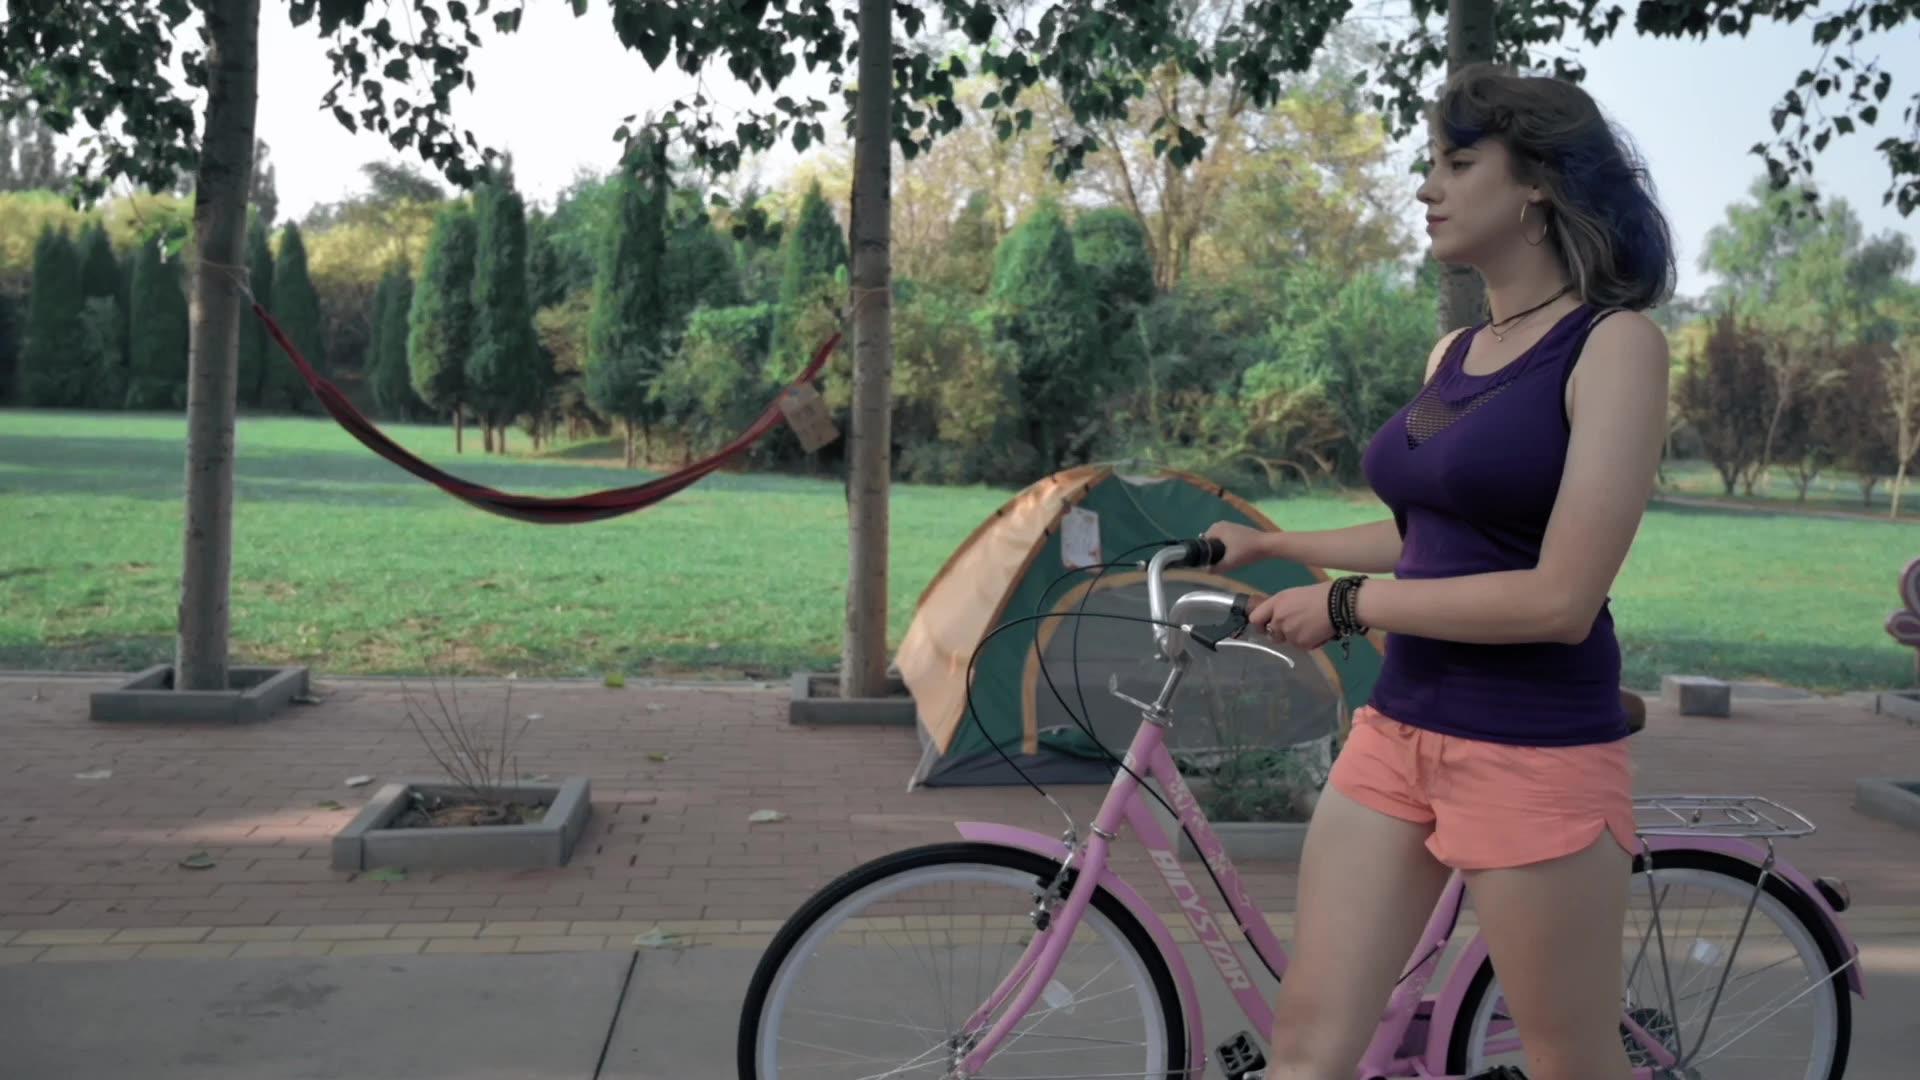 2020 핫 세일 도시 유럽/CE 단일 속도 도시 자전거 판매/도매 자전거 24 인치 도시 남자와